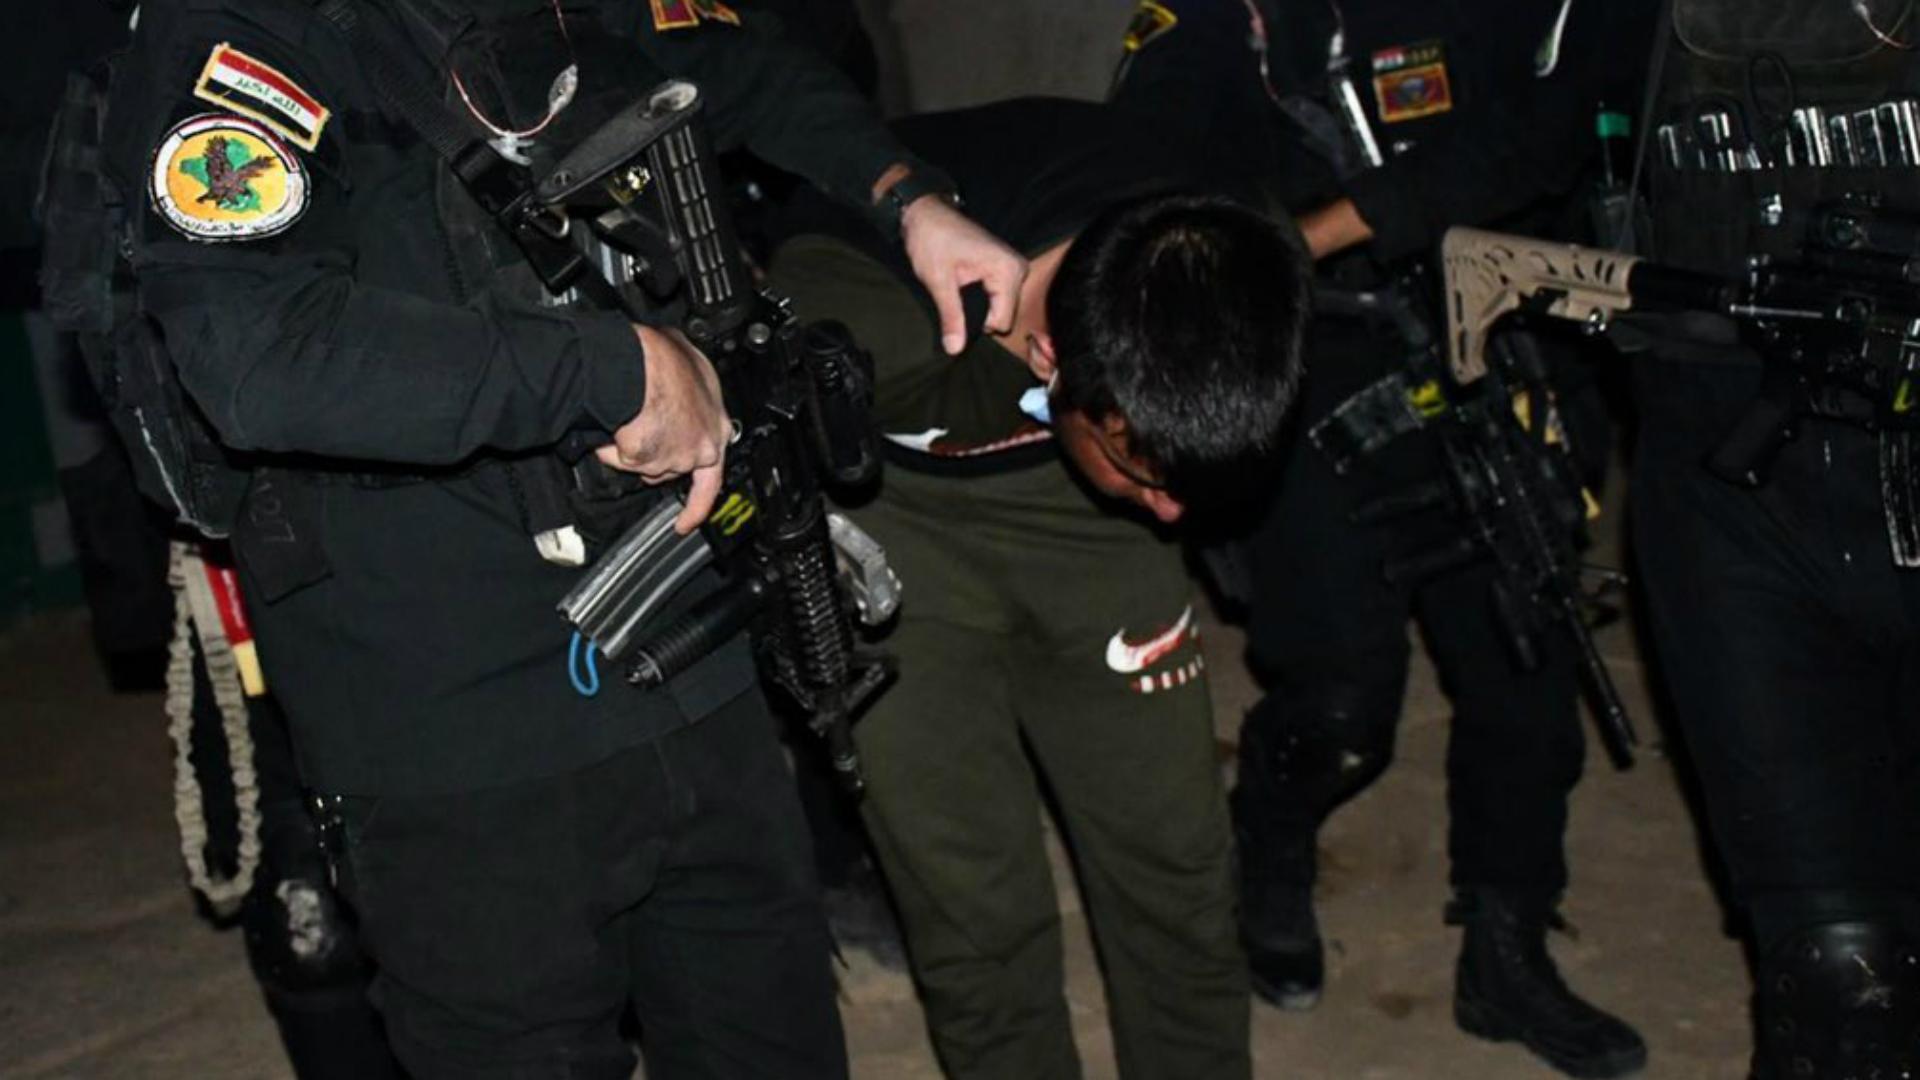 إلقاء القبض على إرهابيين في كركوك وصلاح الدين